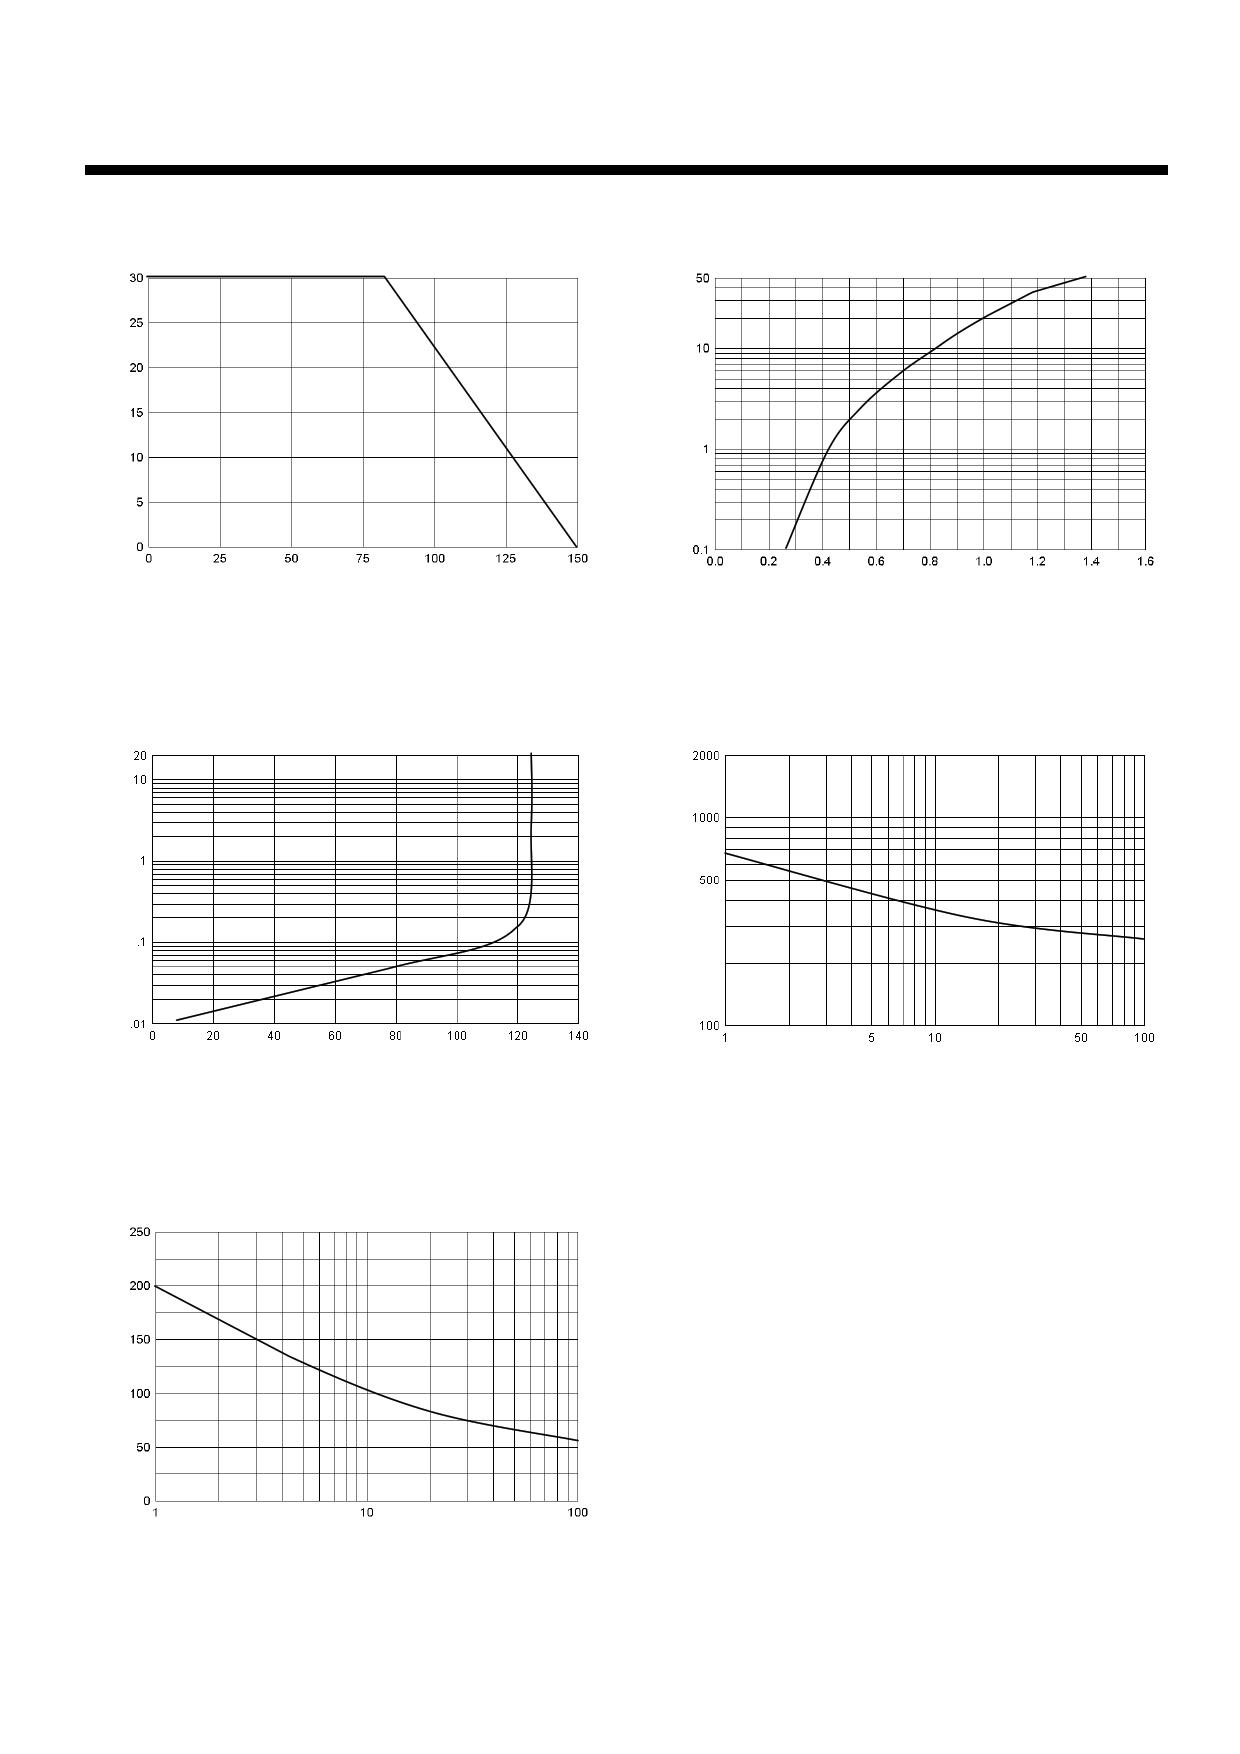 S30C150C pdf, schematic